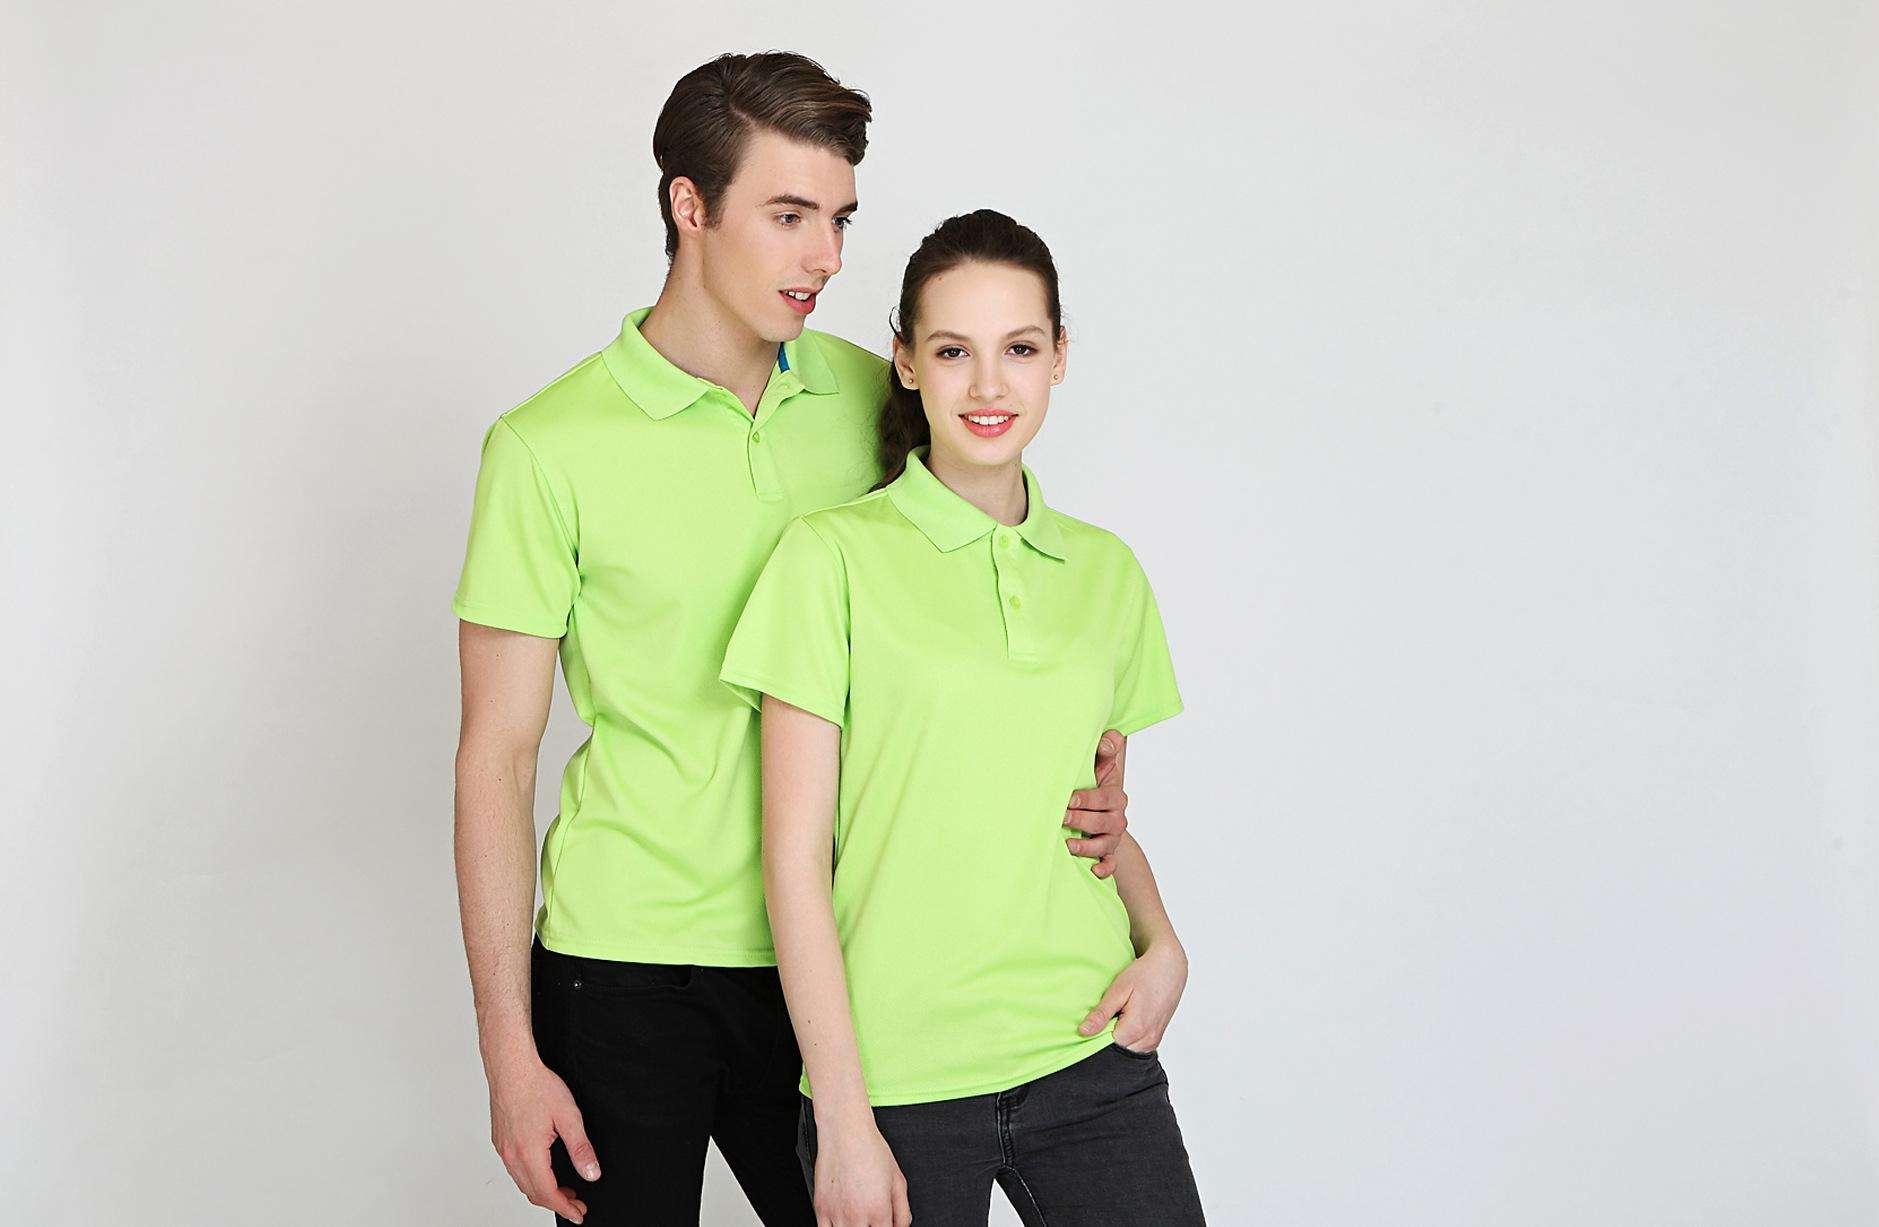 企业文化衫选择速干T恤衫或者速干Polo衫合适吗?